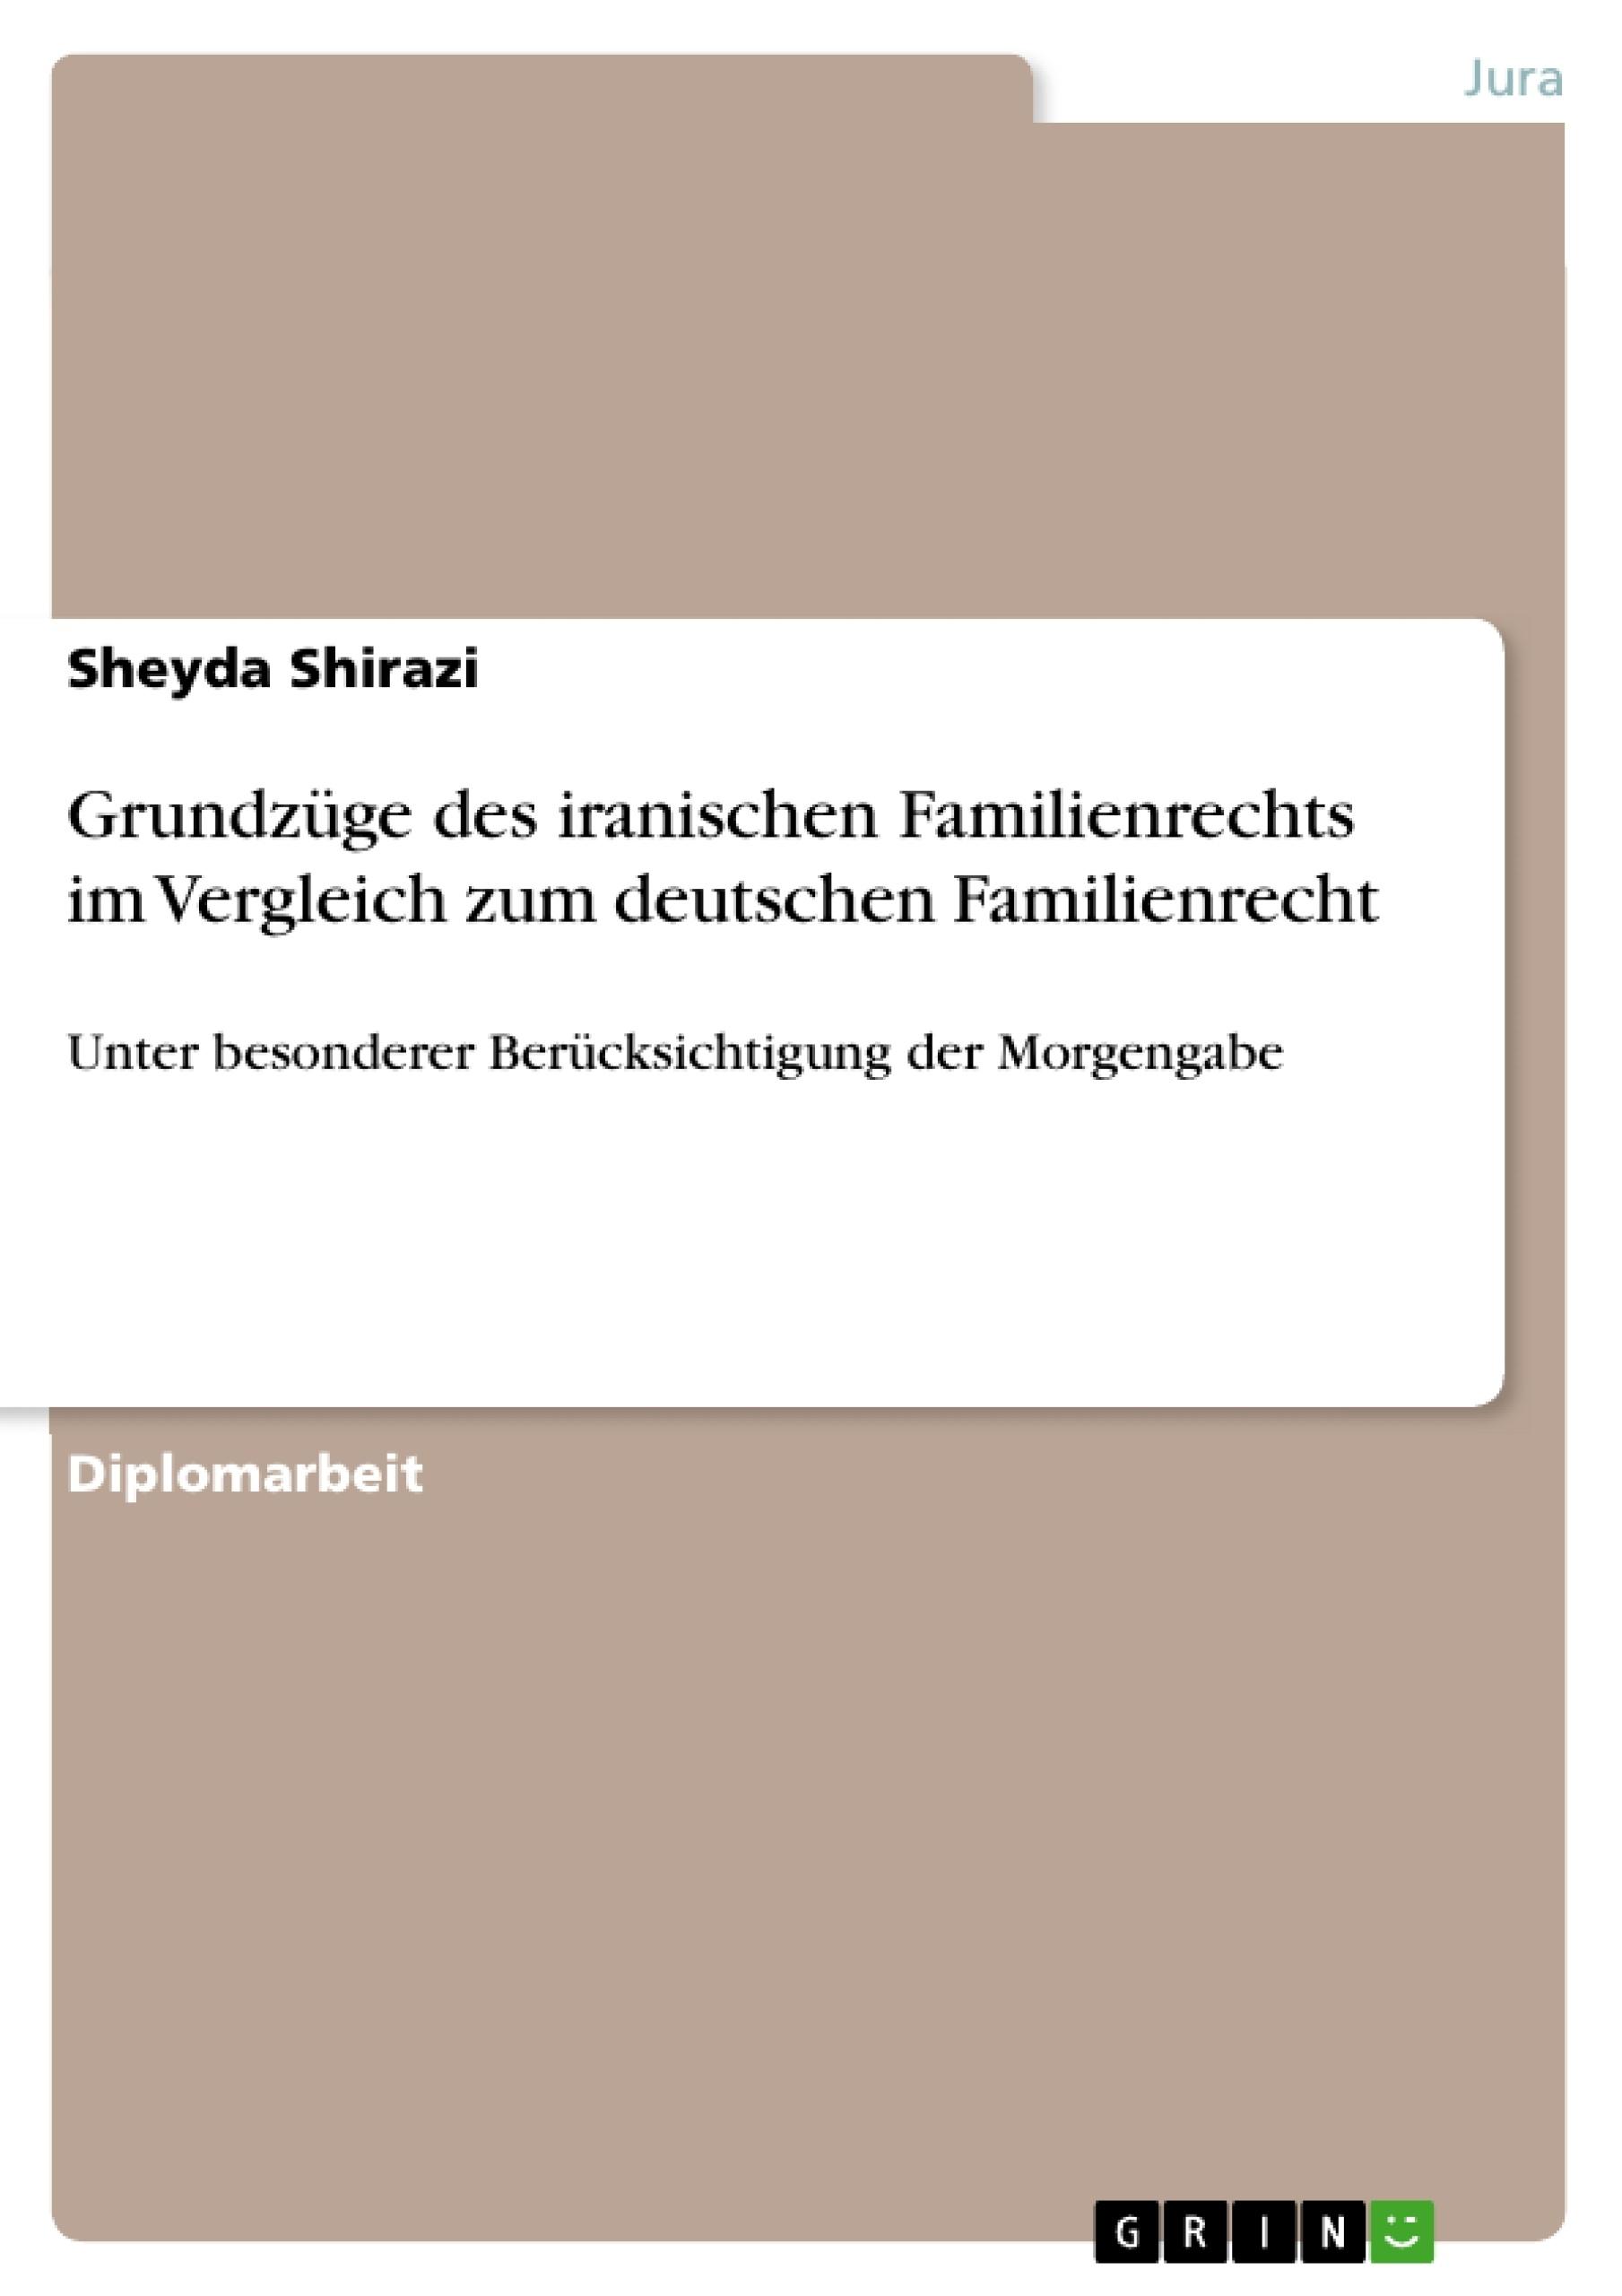 Titel: Grundzüge des iranischen Familienrechts im Vergleich zum deutschen Familienrecht